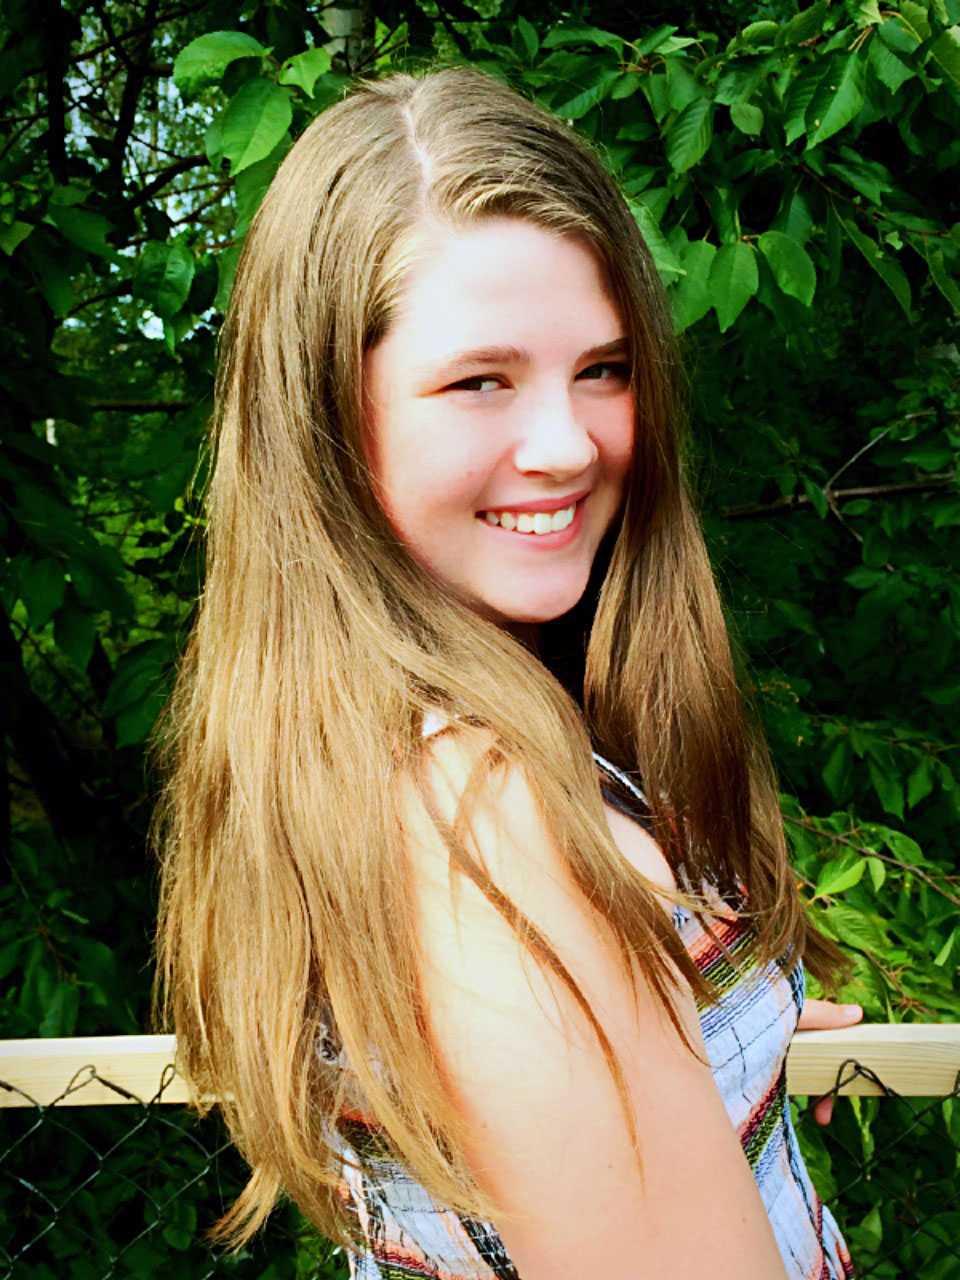 Julia innan hon klippte av sitt hår.